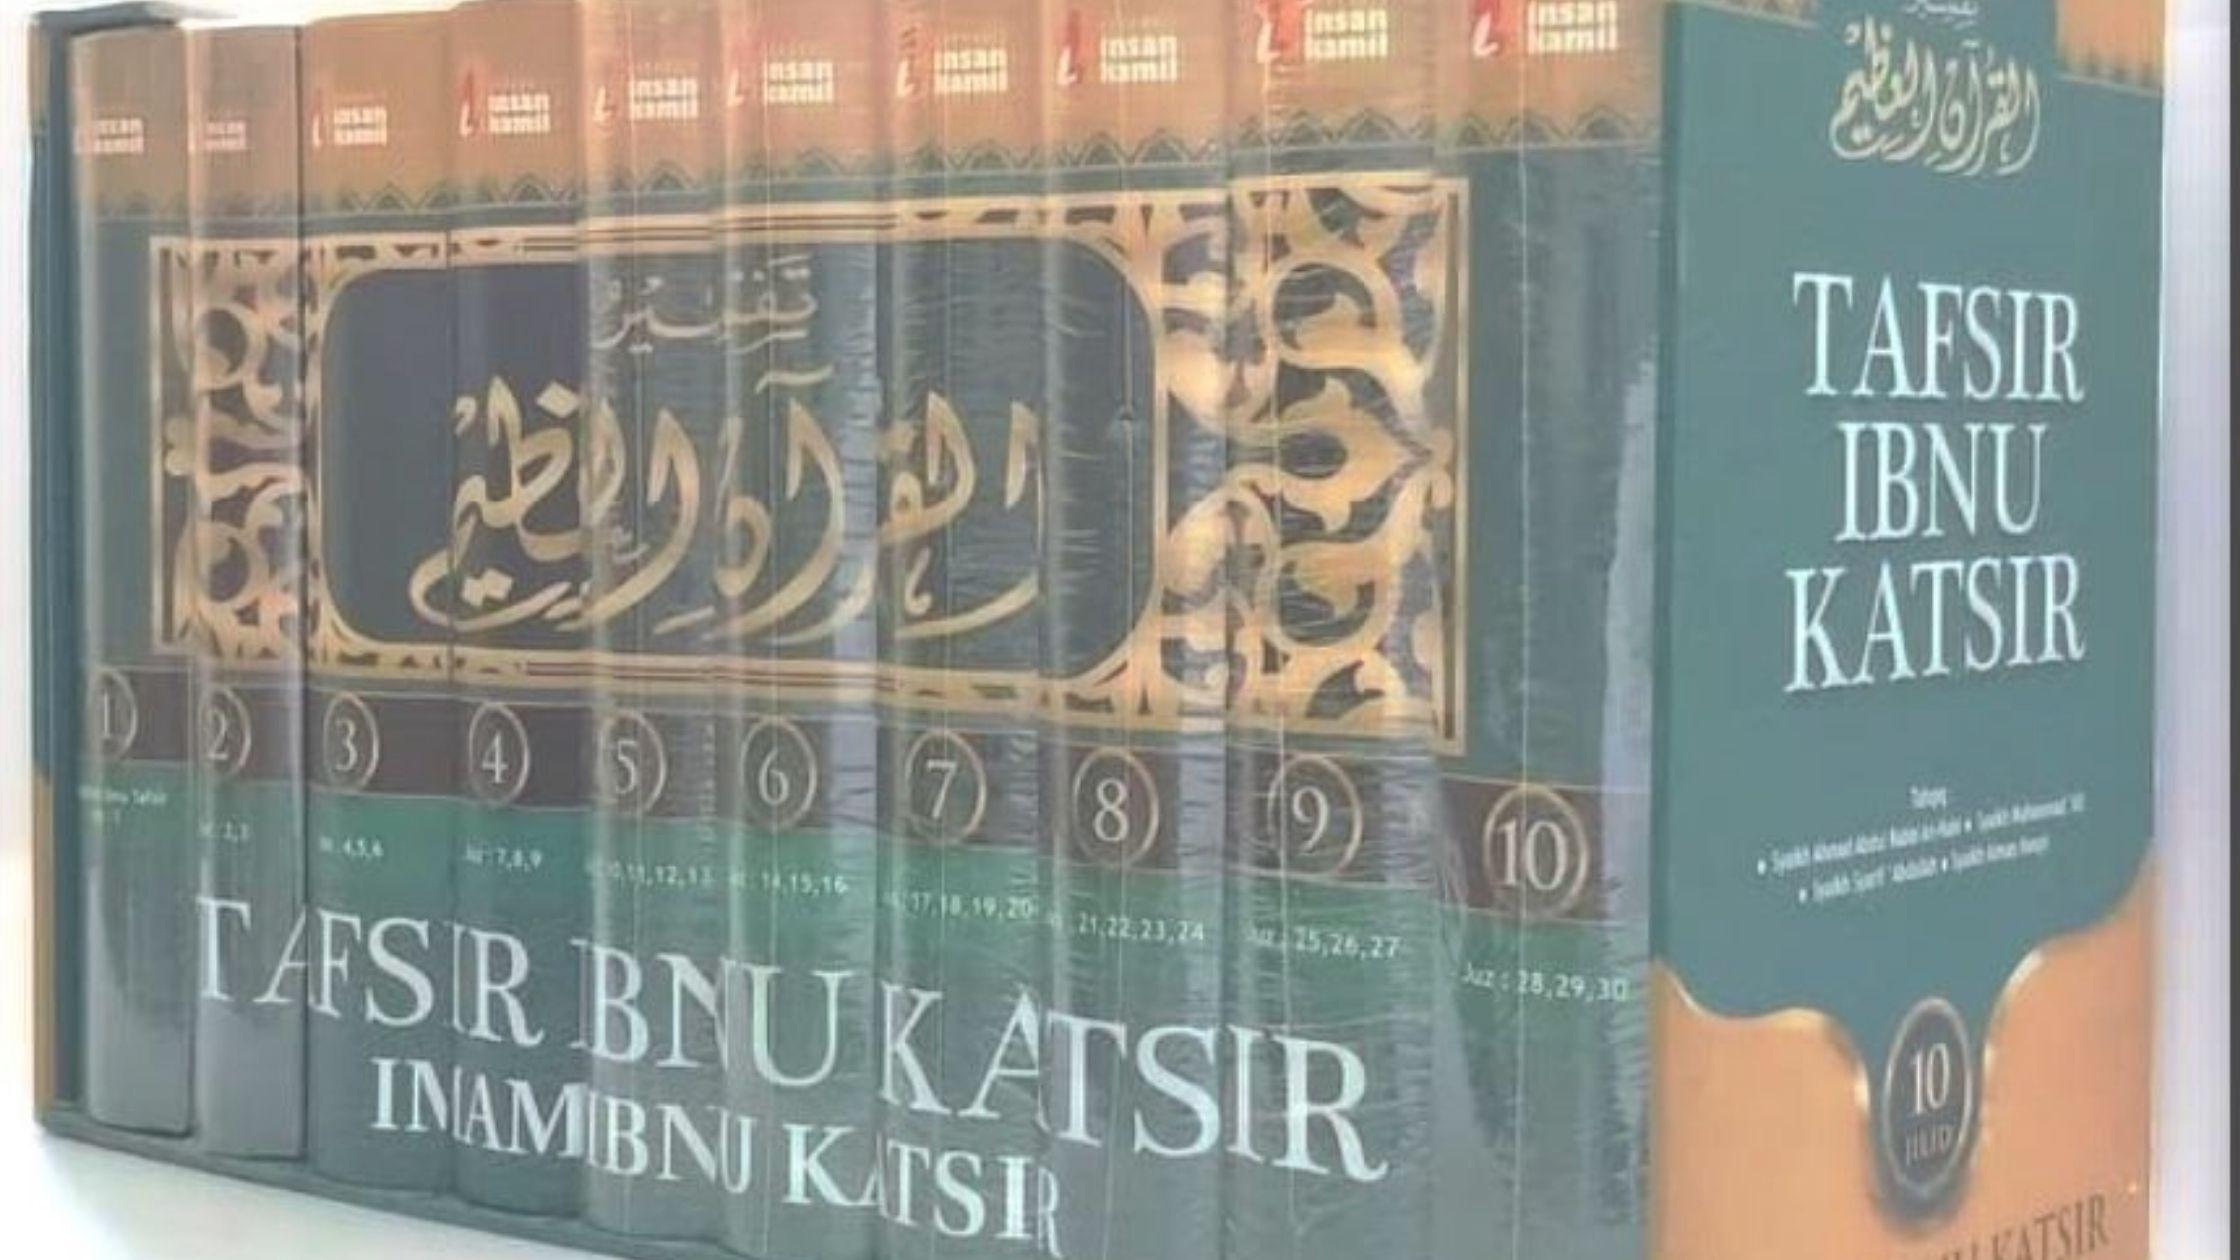 Mengenal Biografi dan Kitab Tafsir Ibnu Katsir